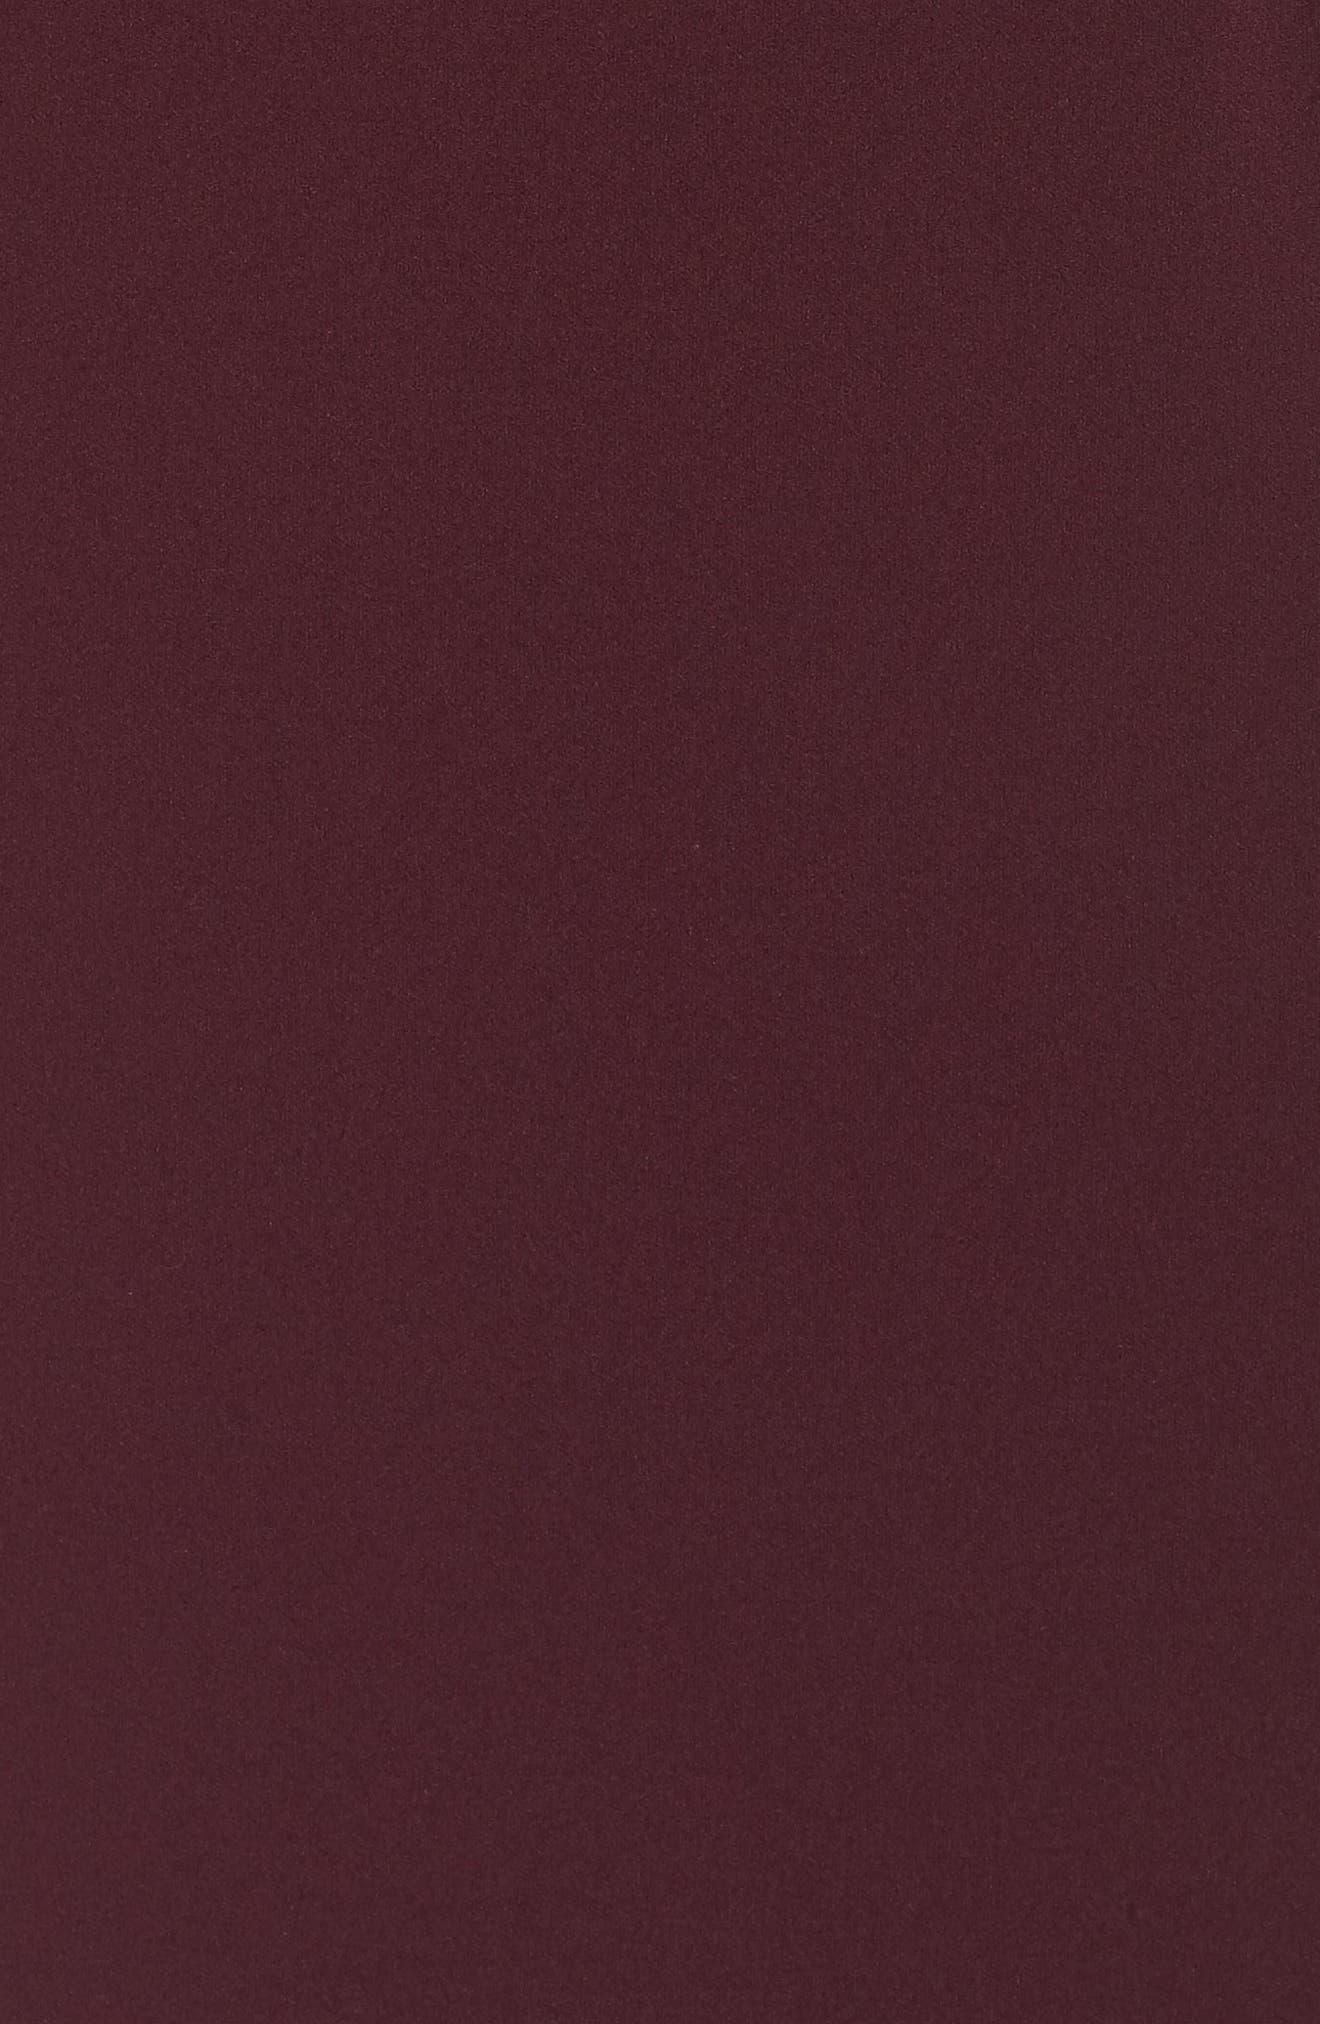 Ava Gardner Sheath Dress,                             Alternate thumbnail 6, color,                             930